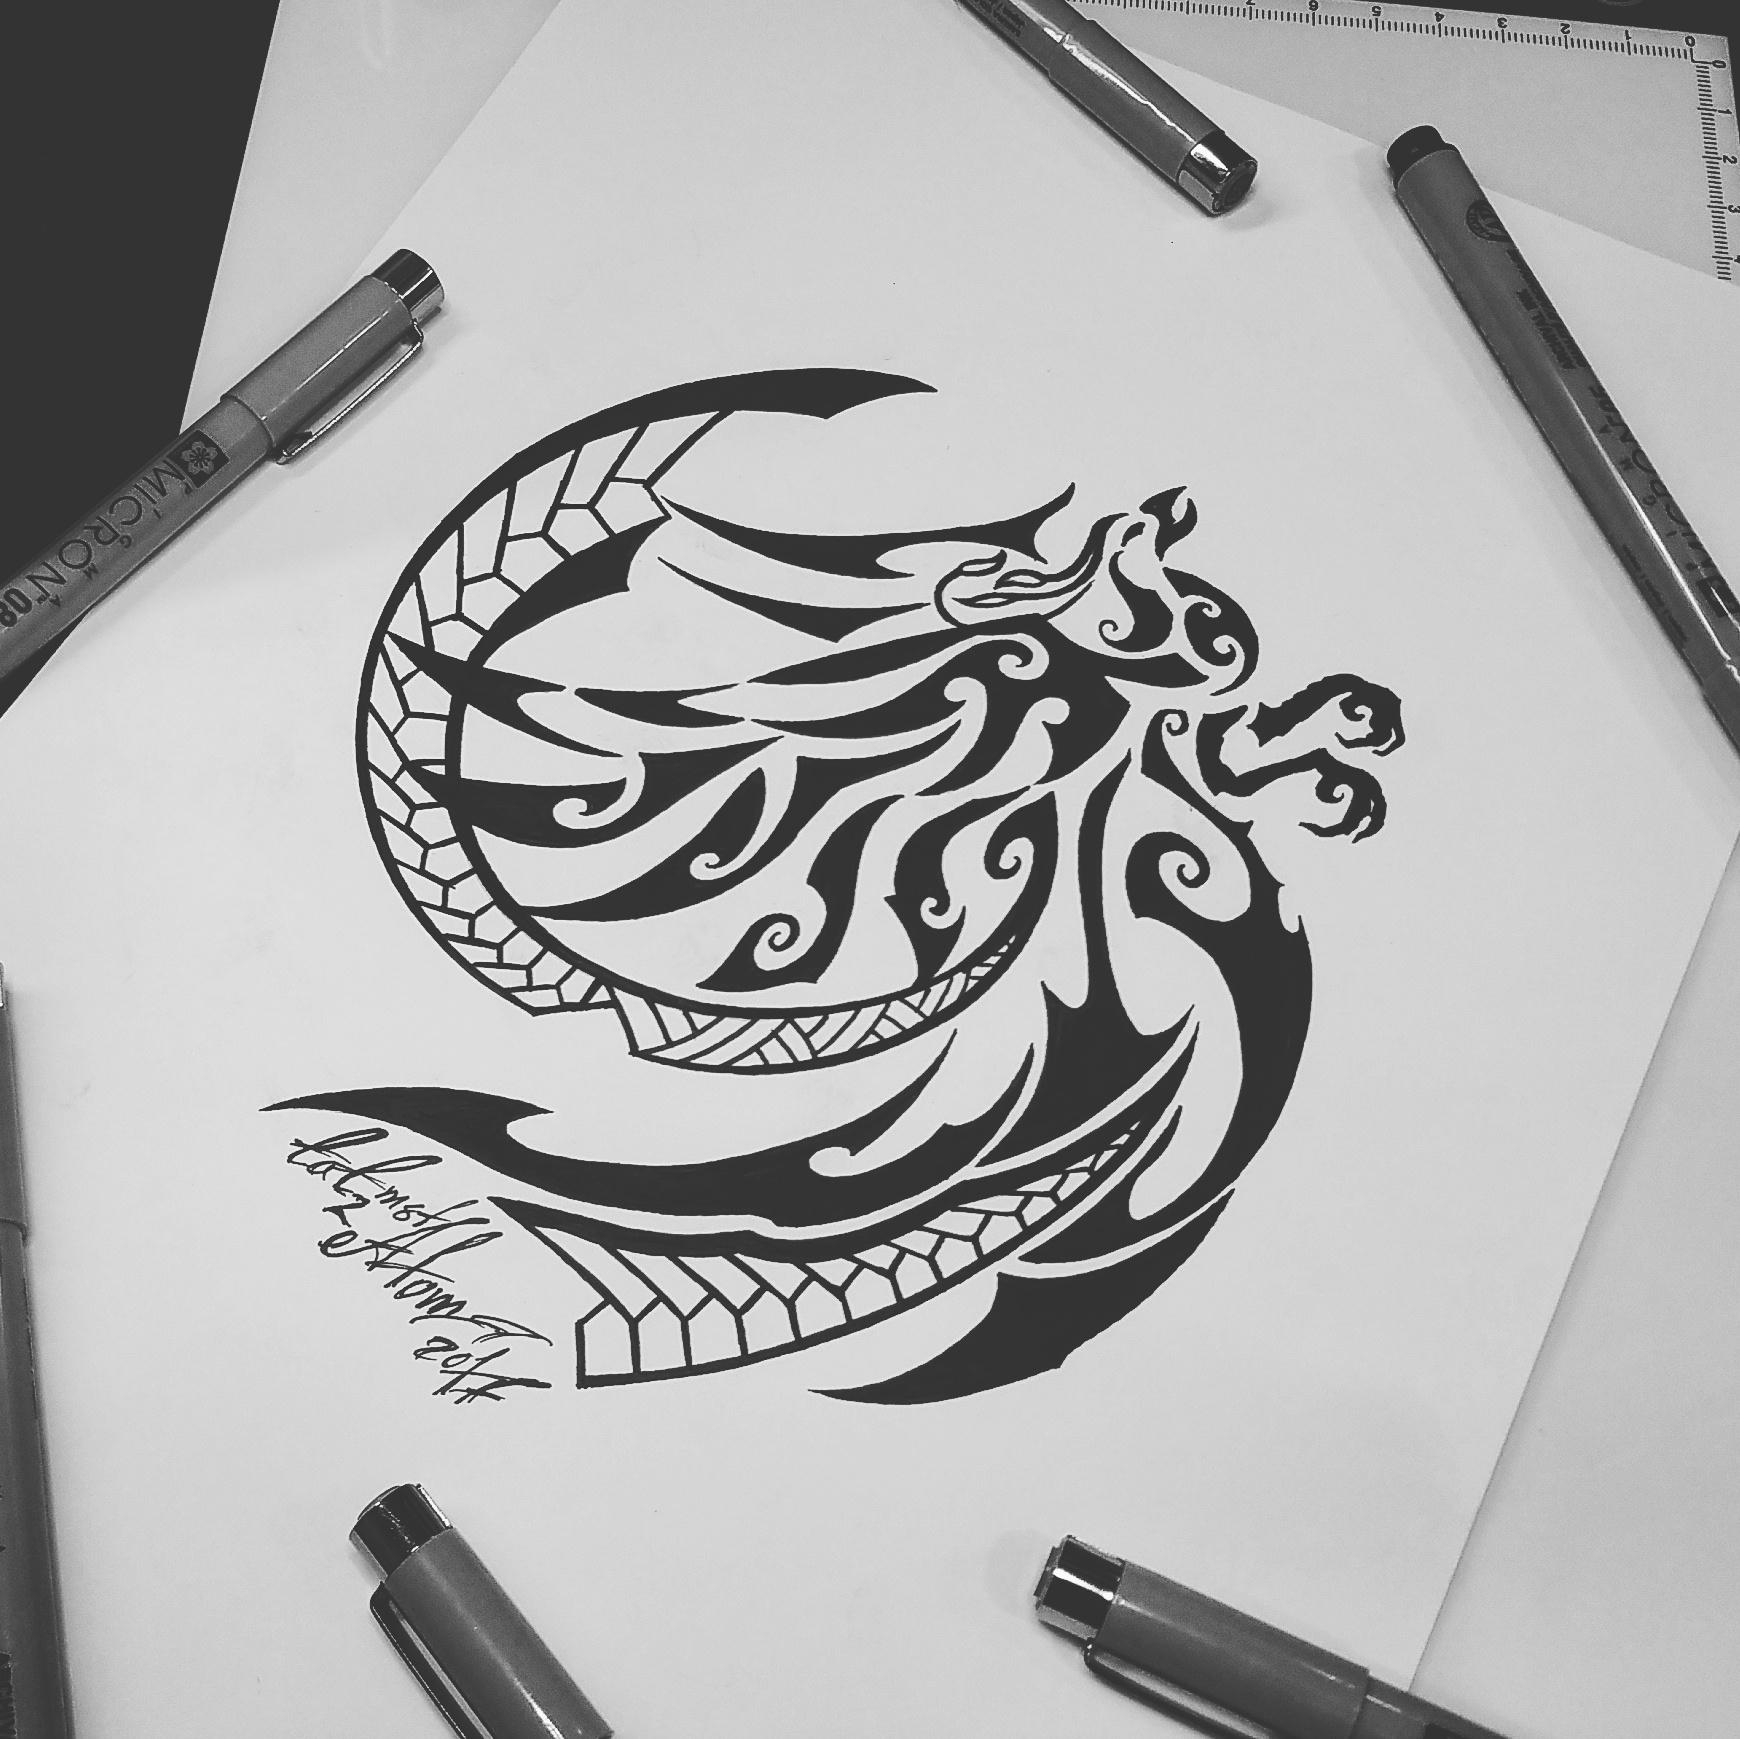 тату эскиз феникс полинезия